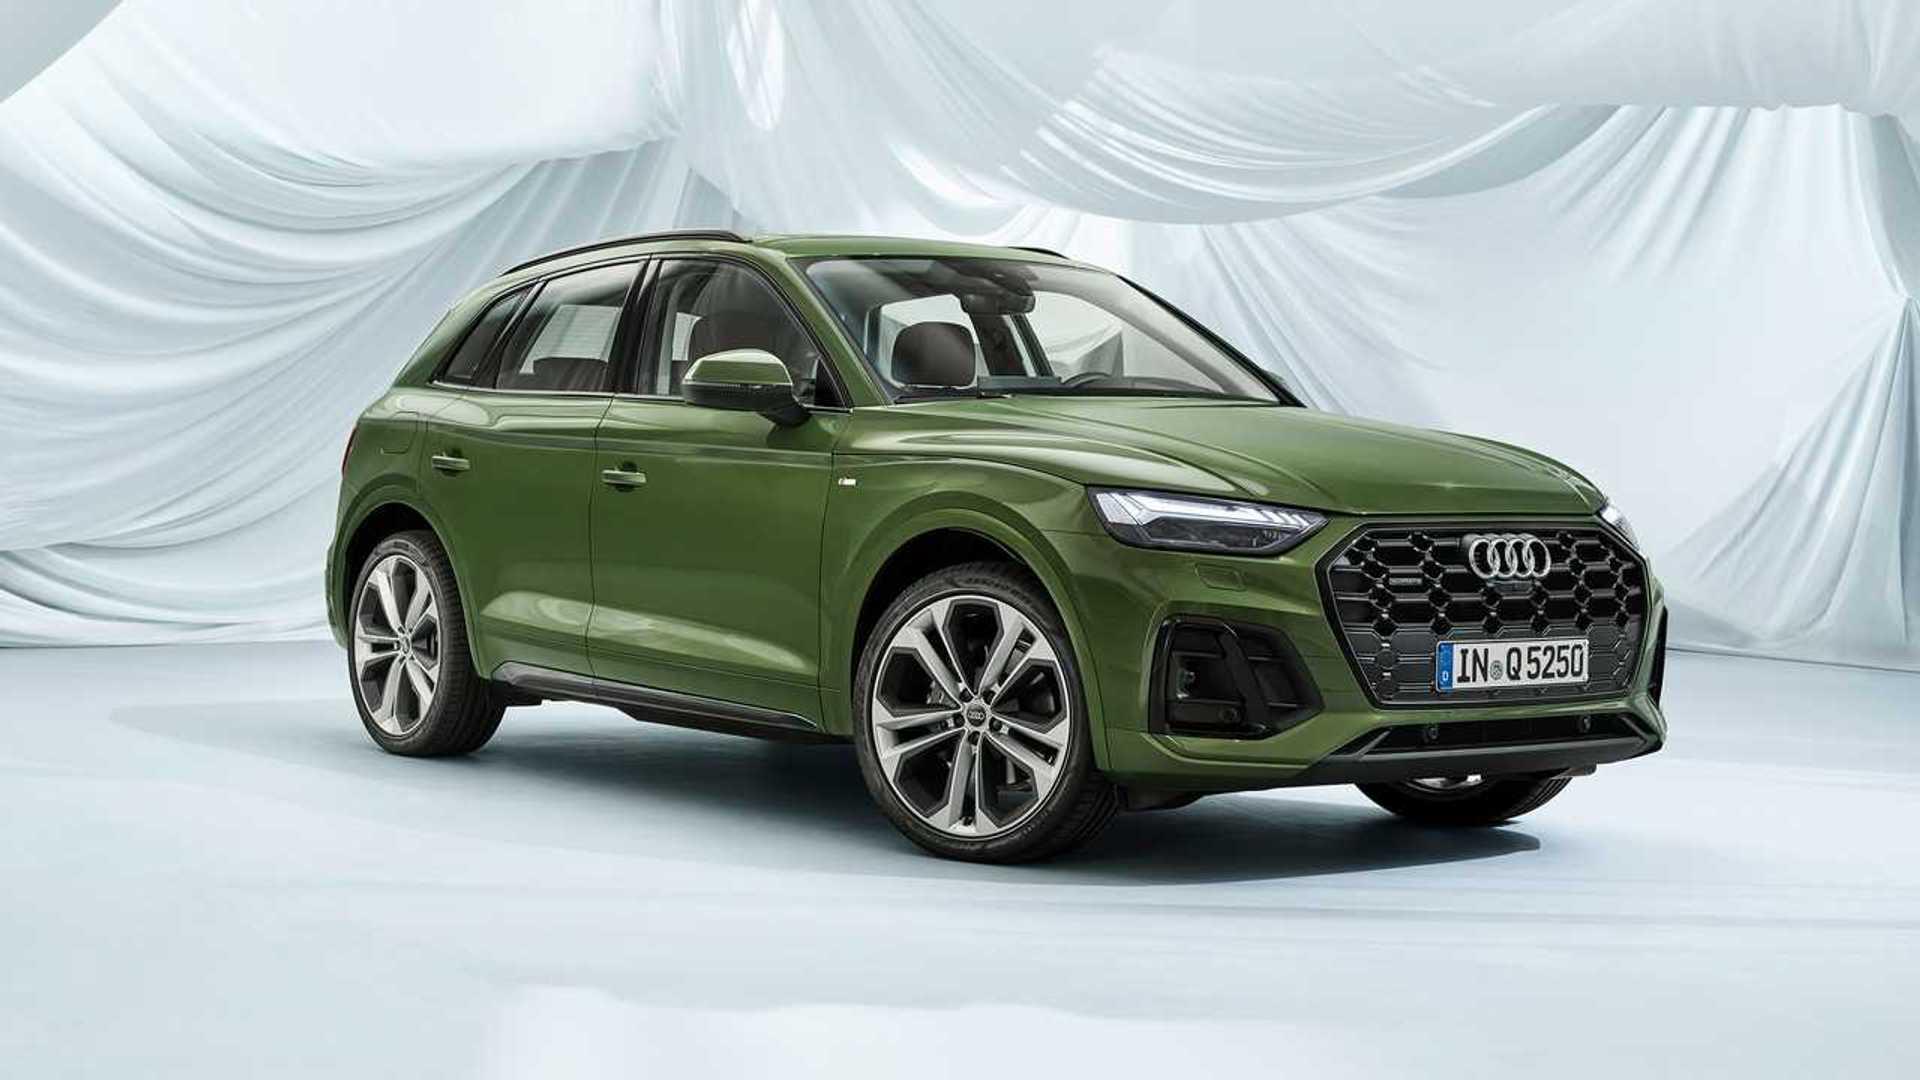 Audi Q5 II Restyling (2020) 51